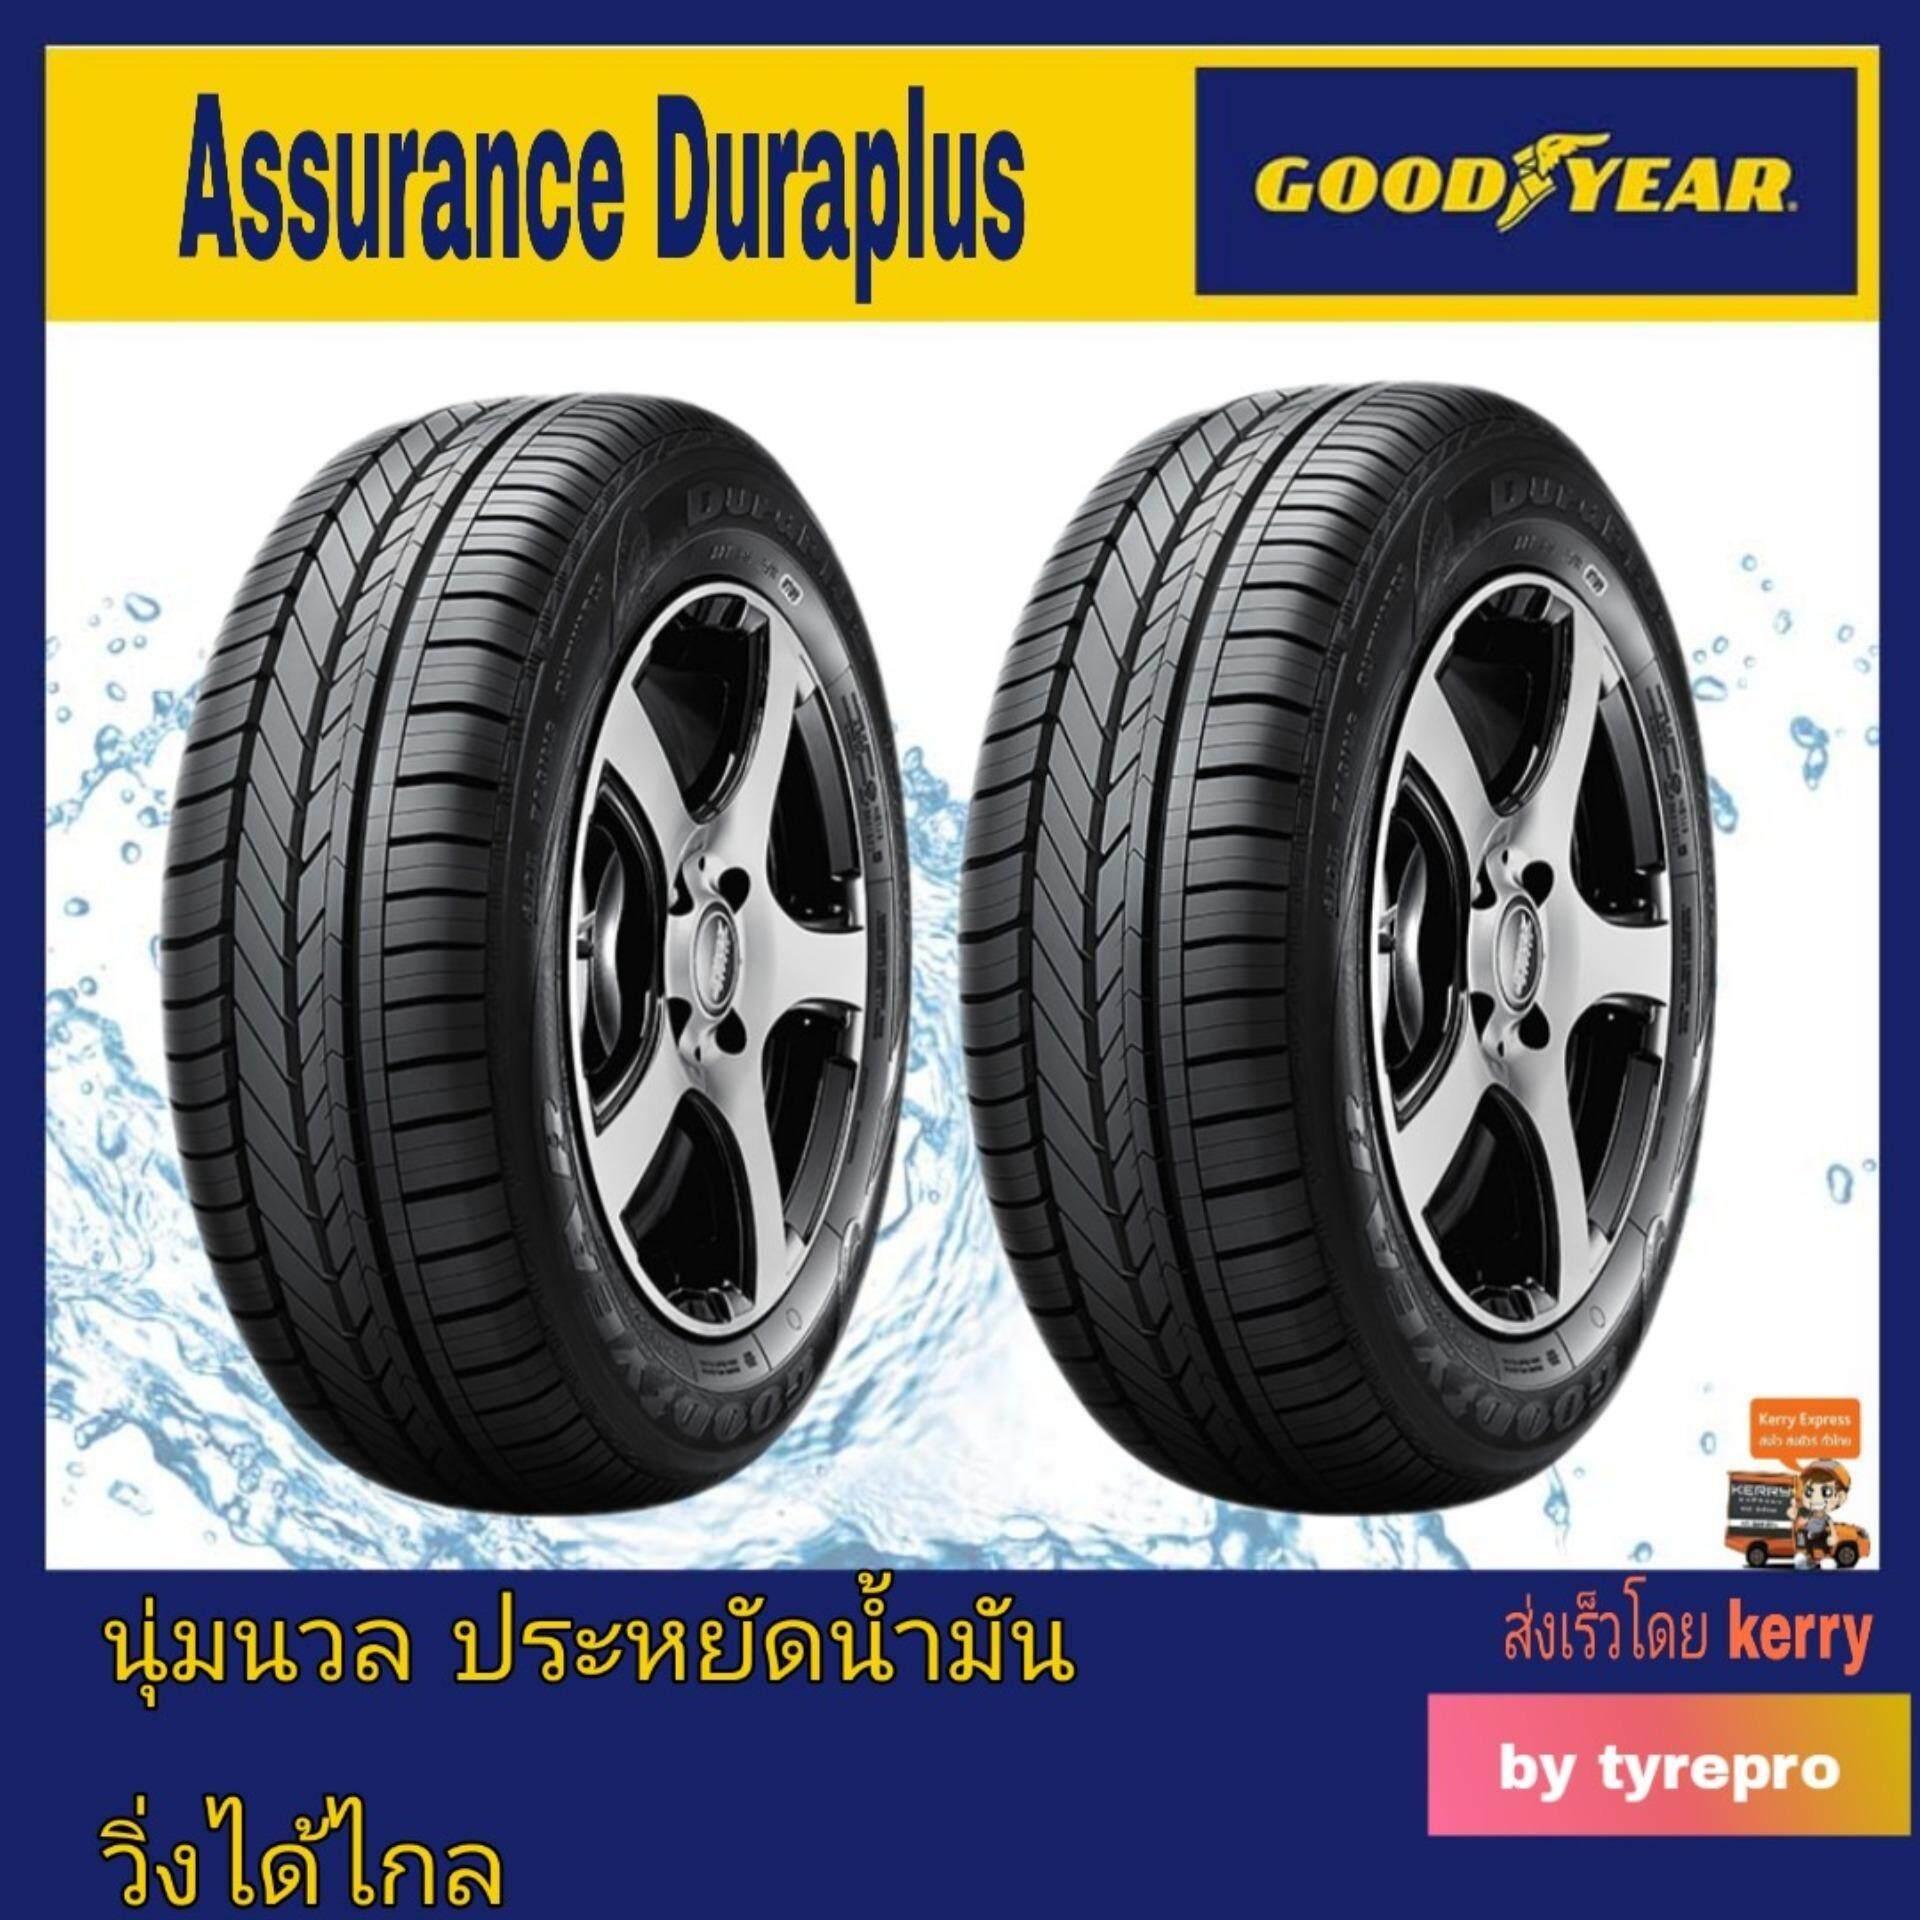 ประกันภัย รถยนต์ ชั้น 3 ราคา ถูก นครราชสีมา Goodyear ยางรถยนต์ 215/55R17 รุ่น Assurance Duraplus (2 เส้น)